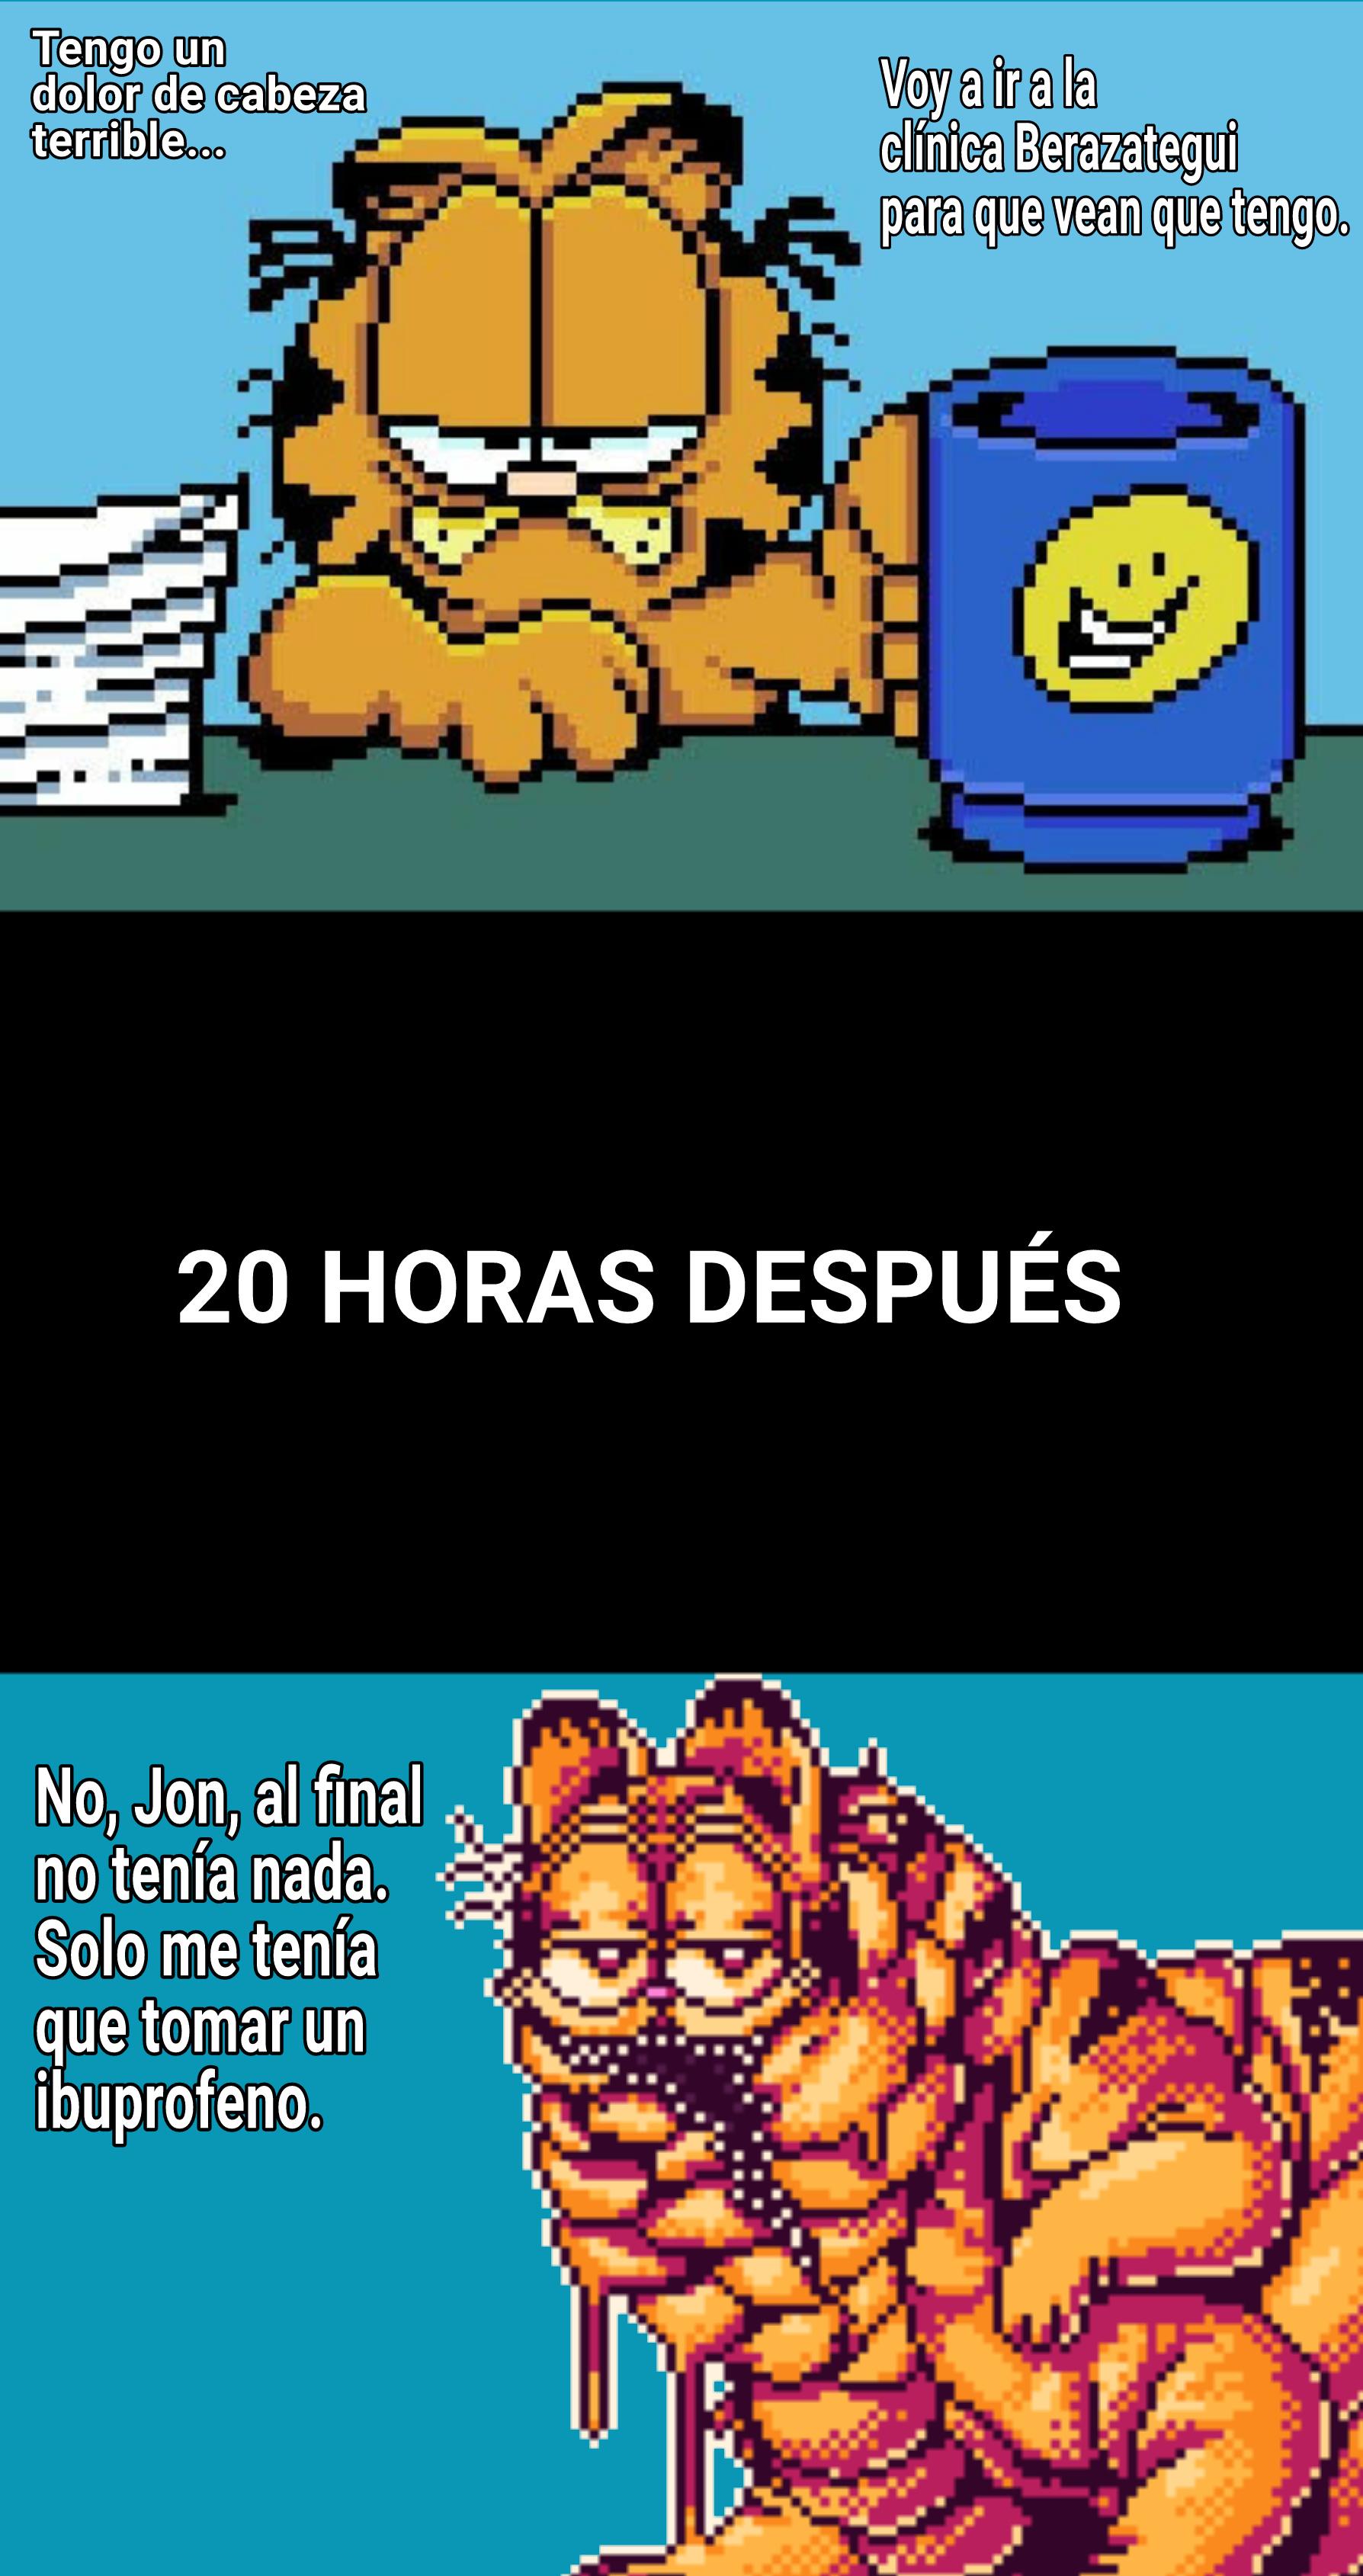 Jaja Un Meme De La Clinica Berazategui Soy Re Original